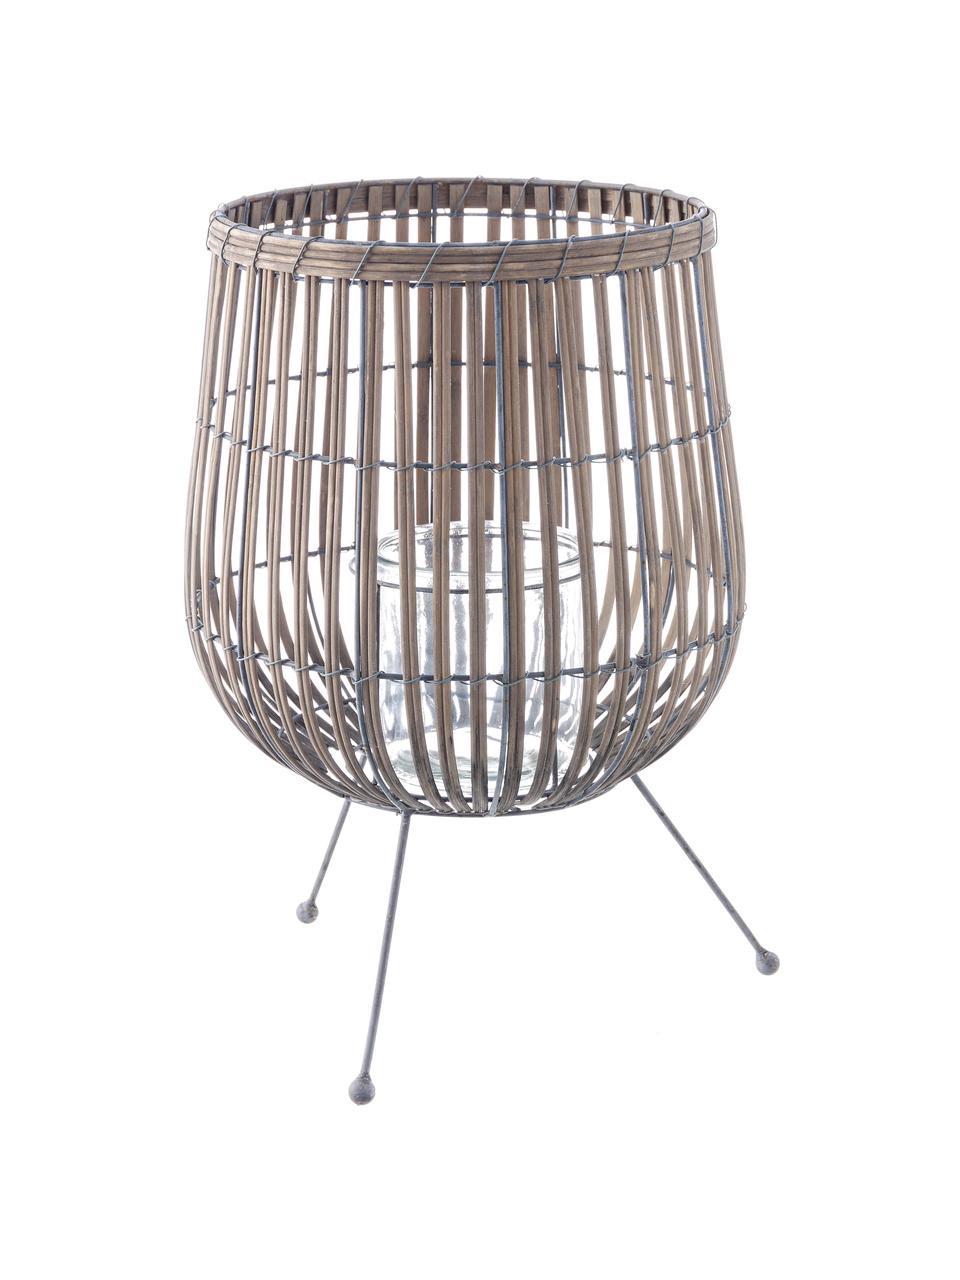 Windlicht Rabat, Fuß: Metall, beschichtet, Braun, Metall, Ø 30 x H 46 cm